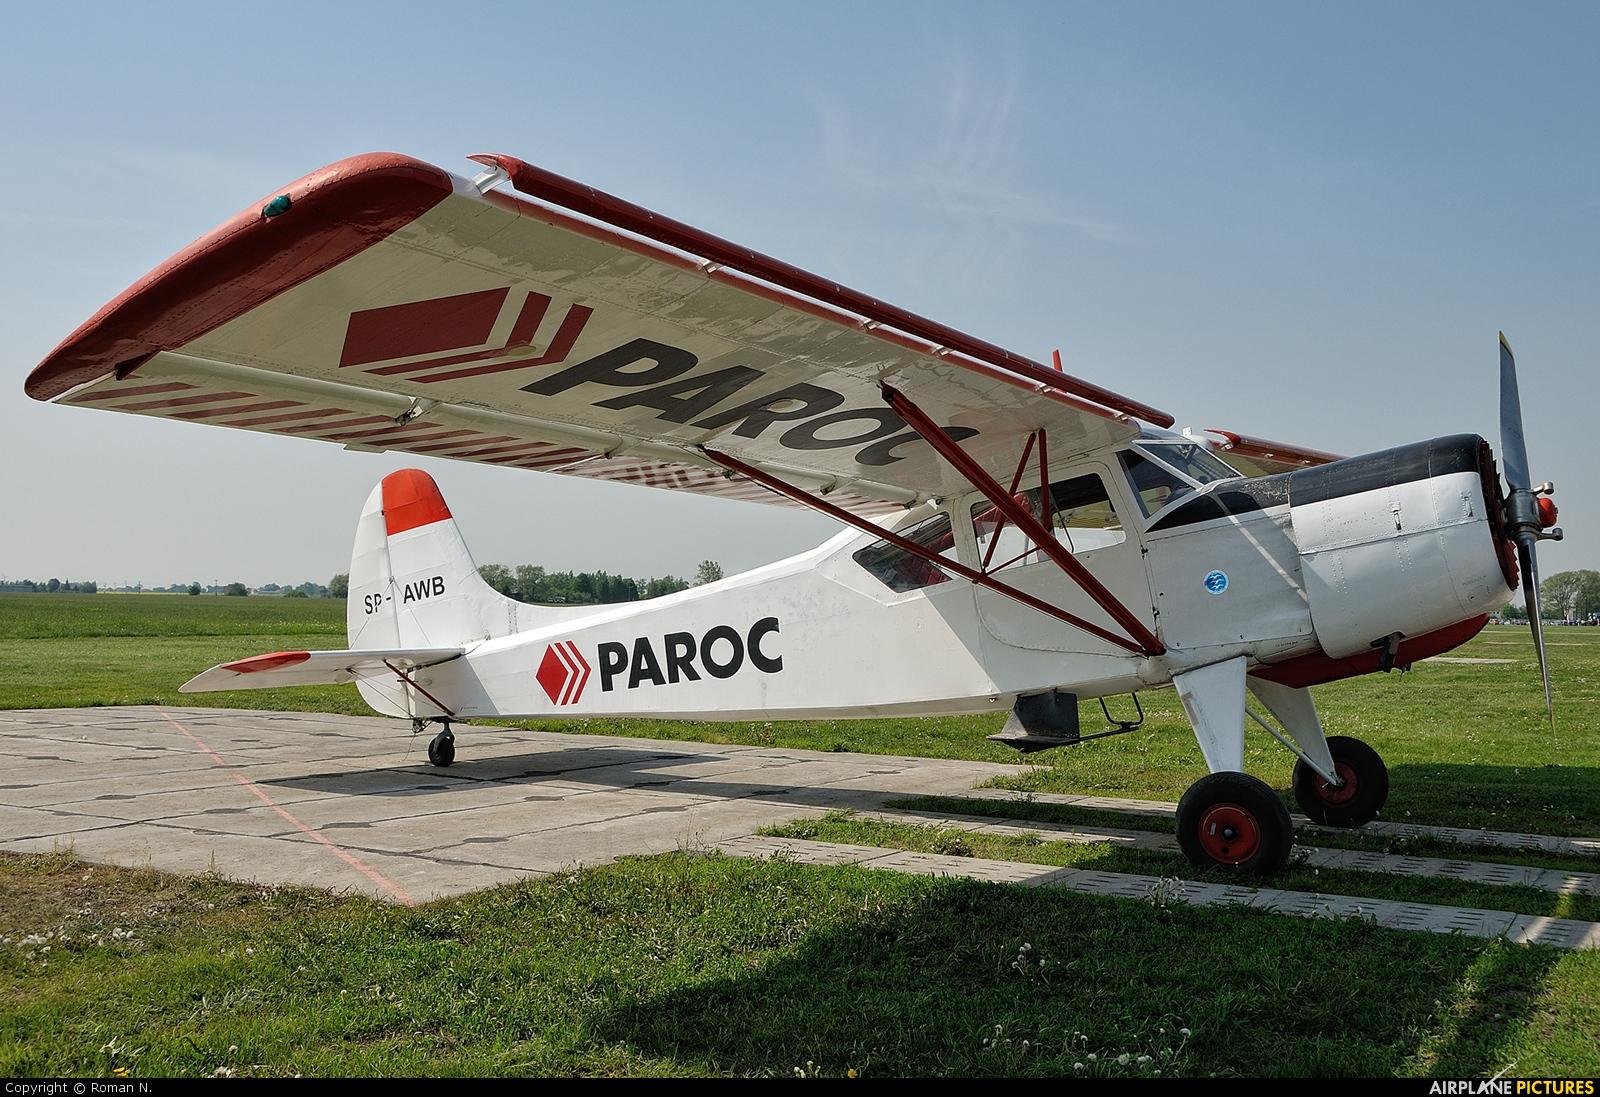 Aeroklub Kujawski SP-AWB aircraft at Inowrocław - Latkowo